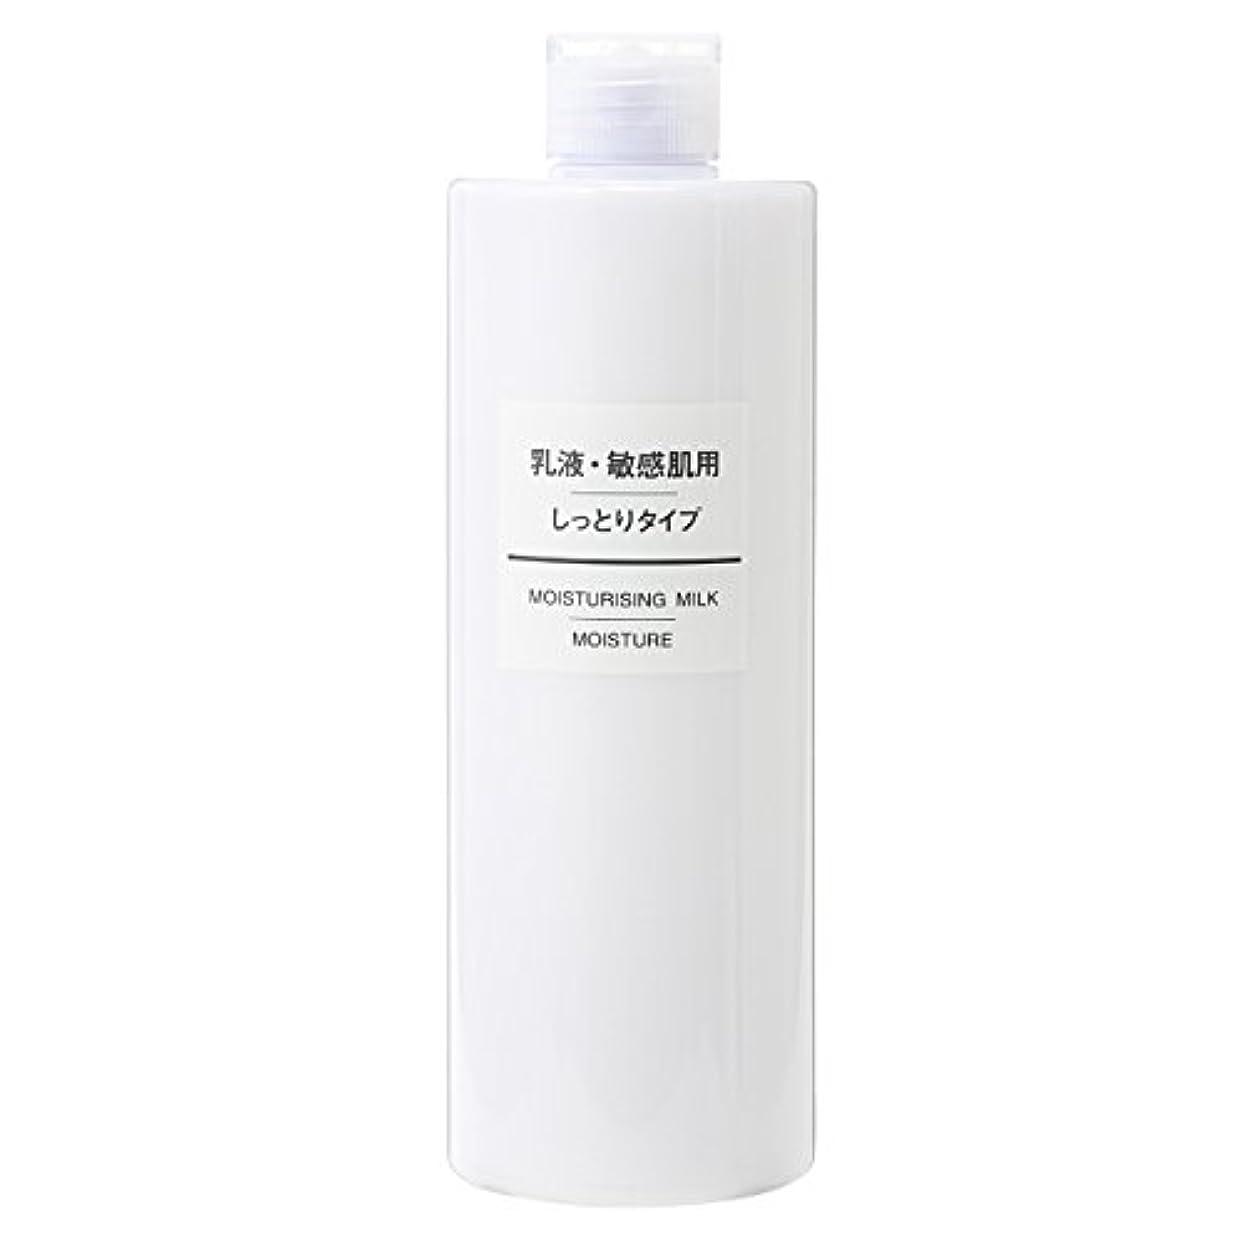 ドット分子独裁者無印良品 乳液 敏感肌用 しっとりタイプ (大容量)400ml